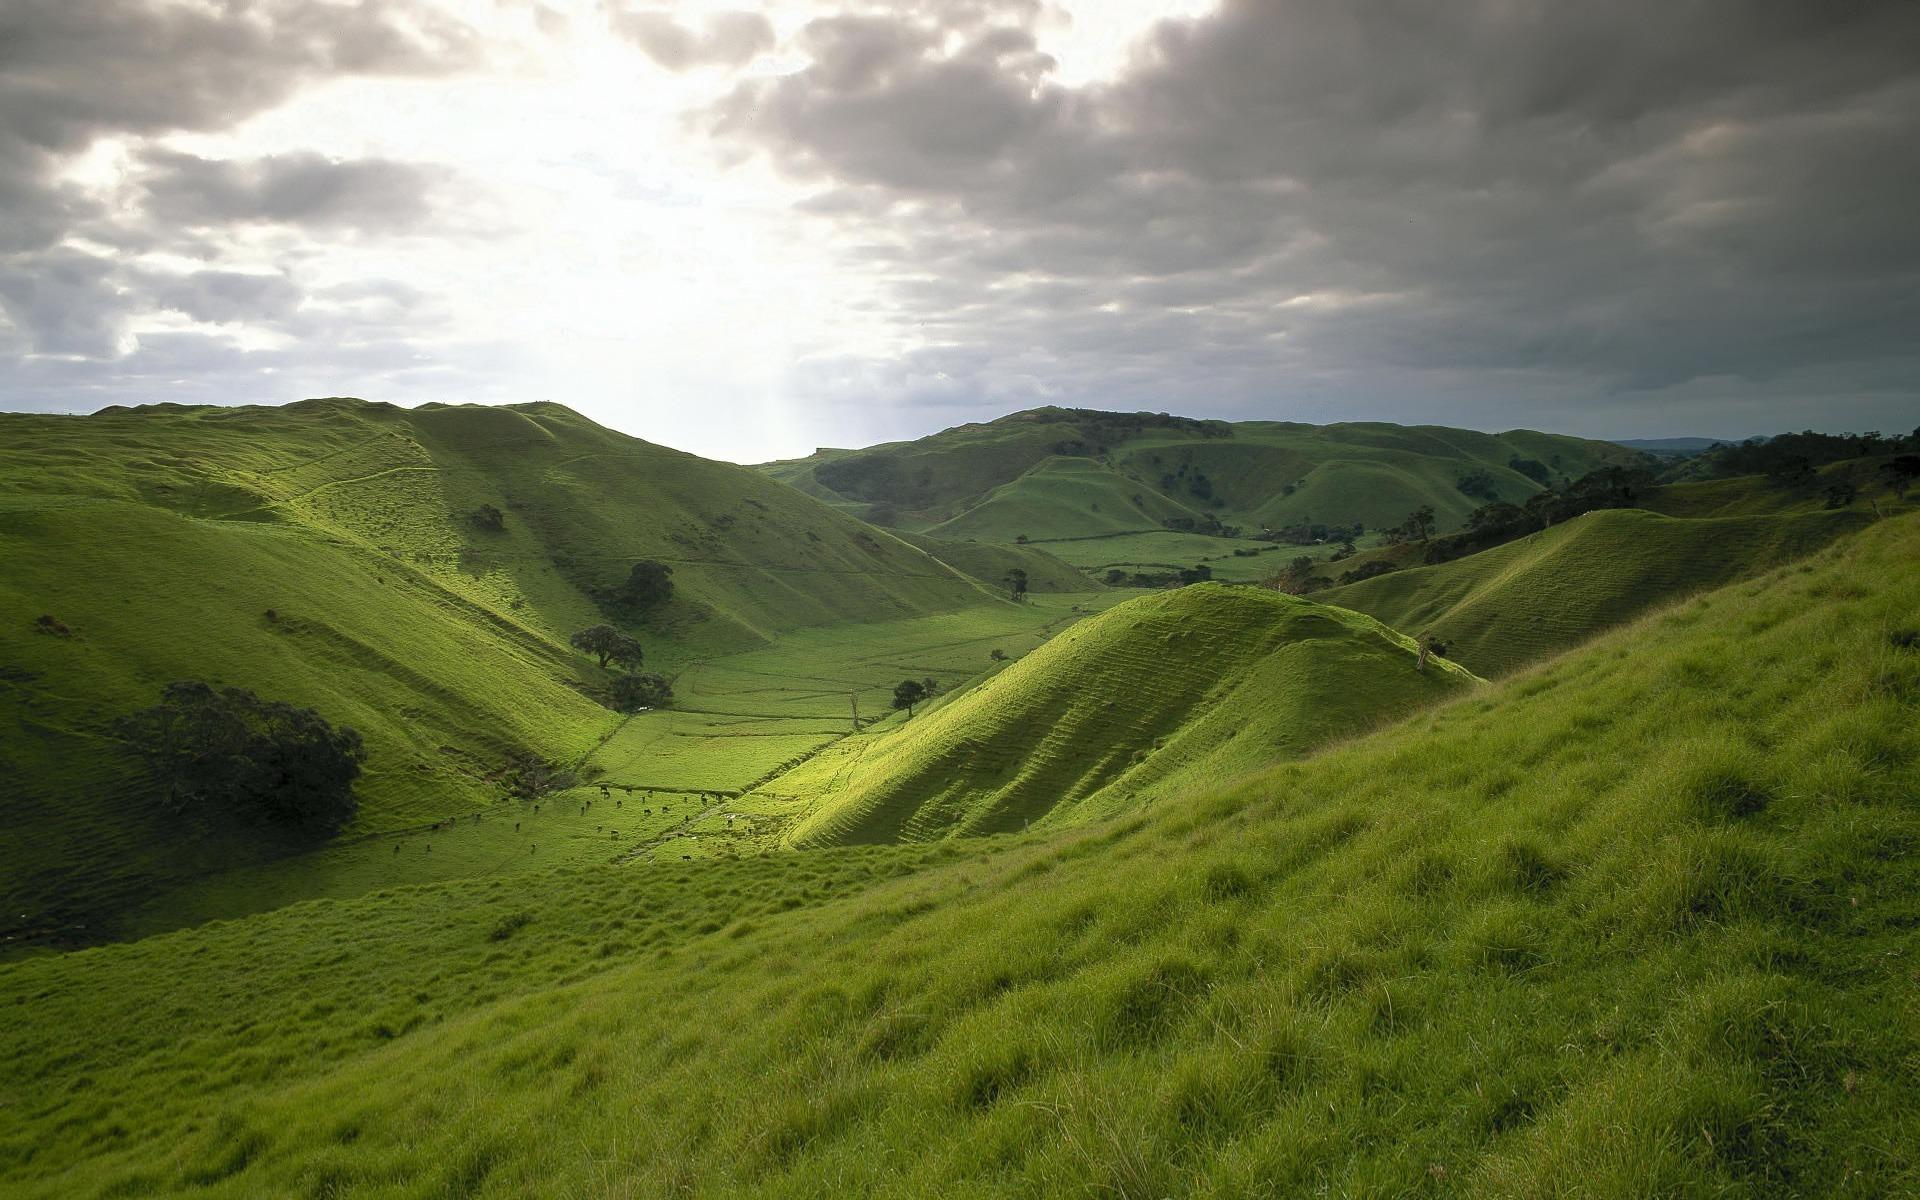 вас готовы картинка зеленые холмы самое главное личного